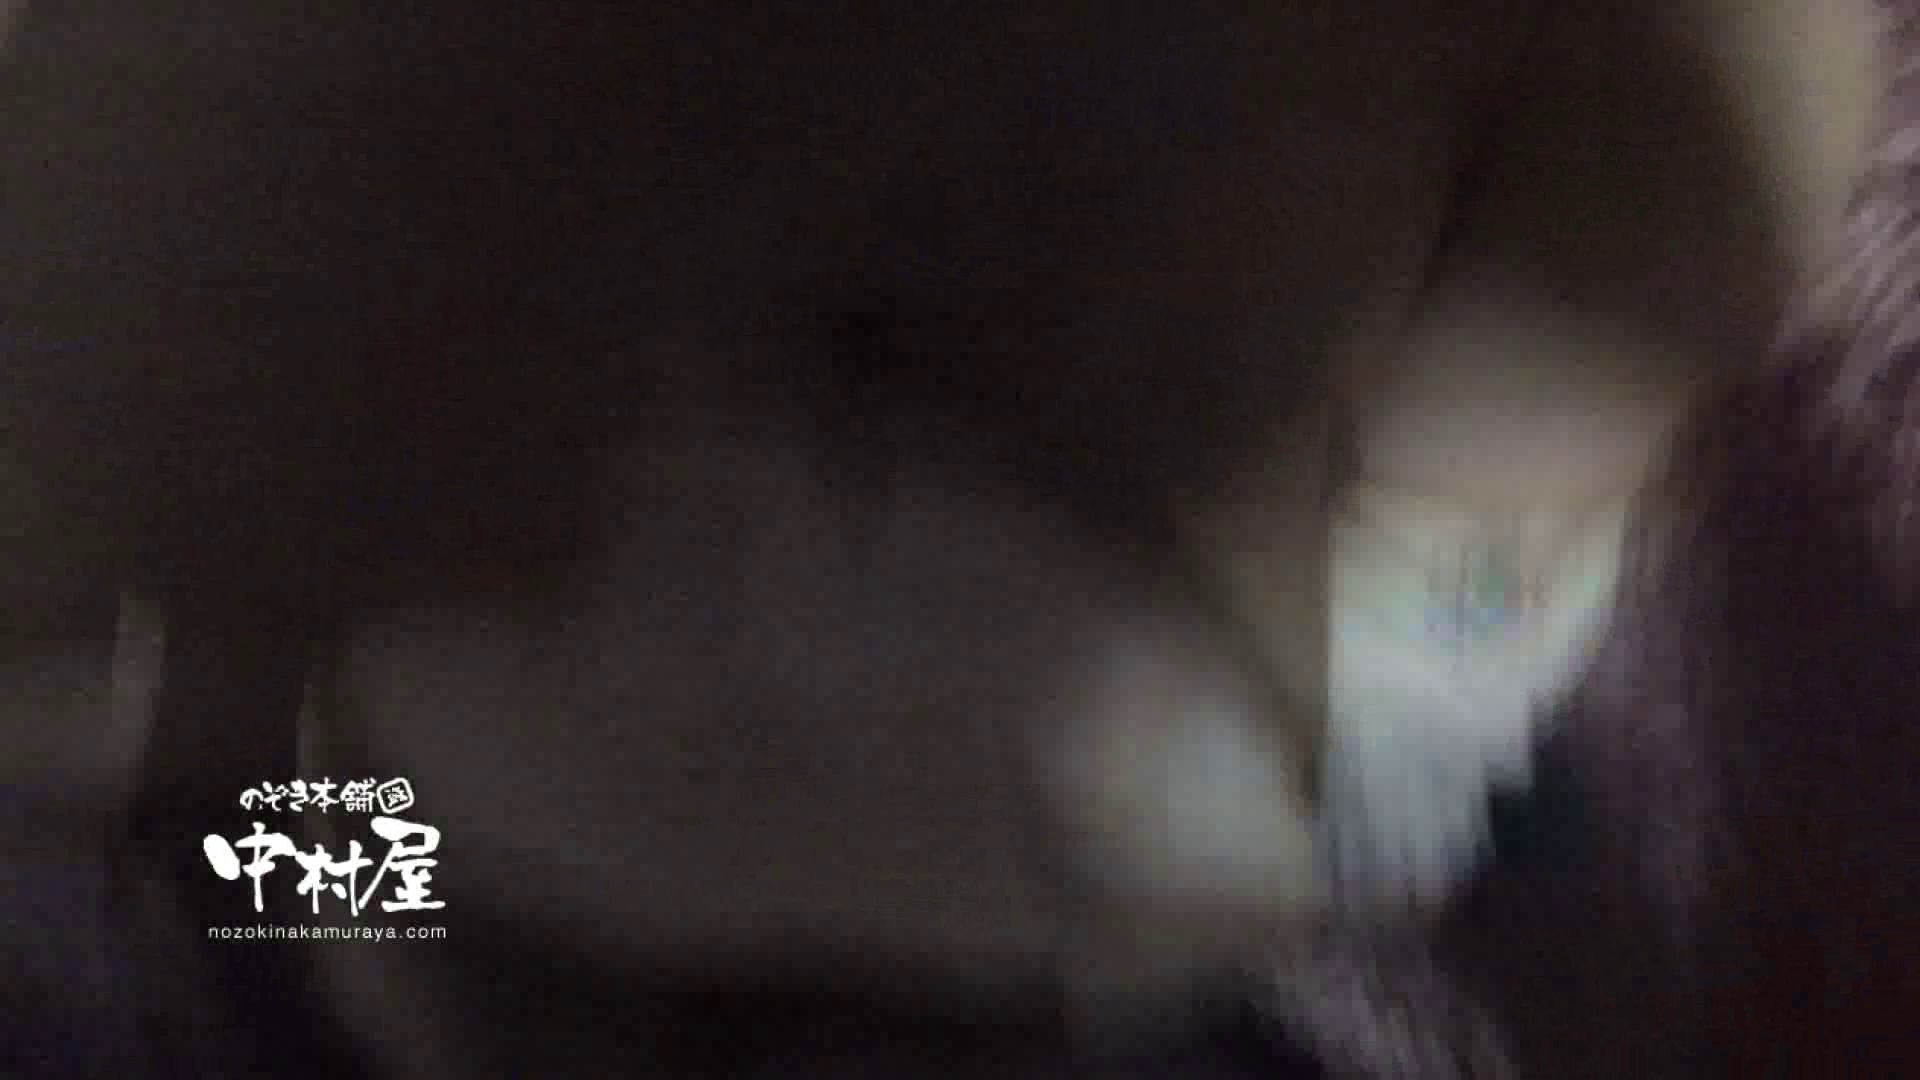 鬼畜 vol.10 あぁ無情…中出しパイパン! 前編 鬼畜   パイパン  61pic 28